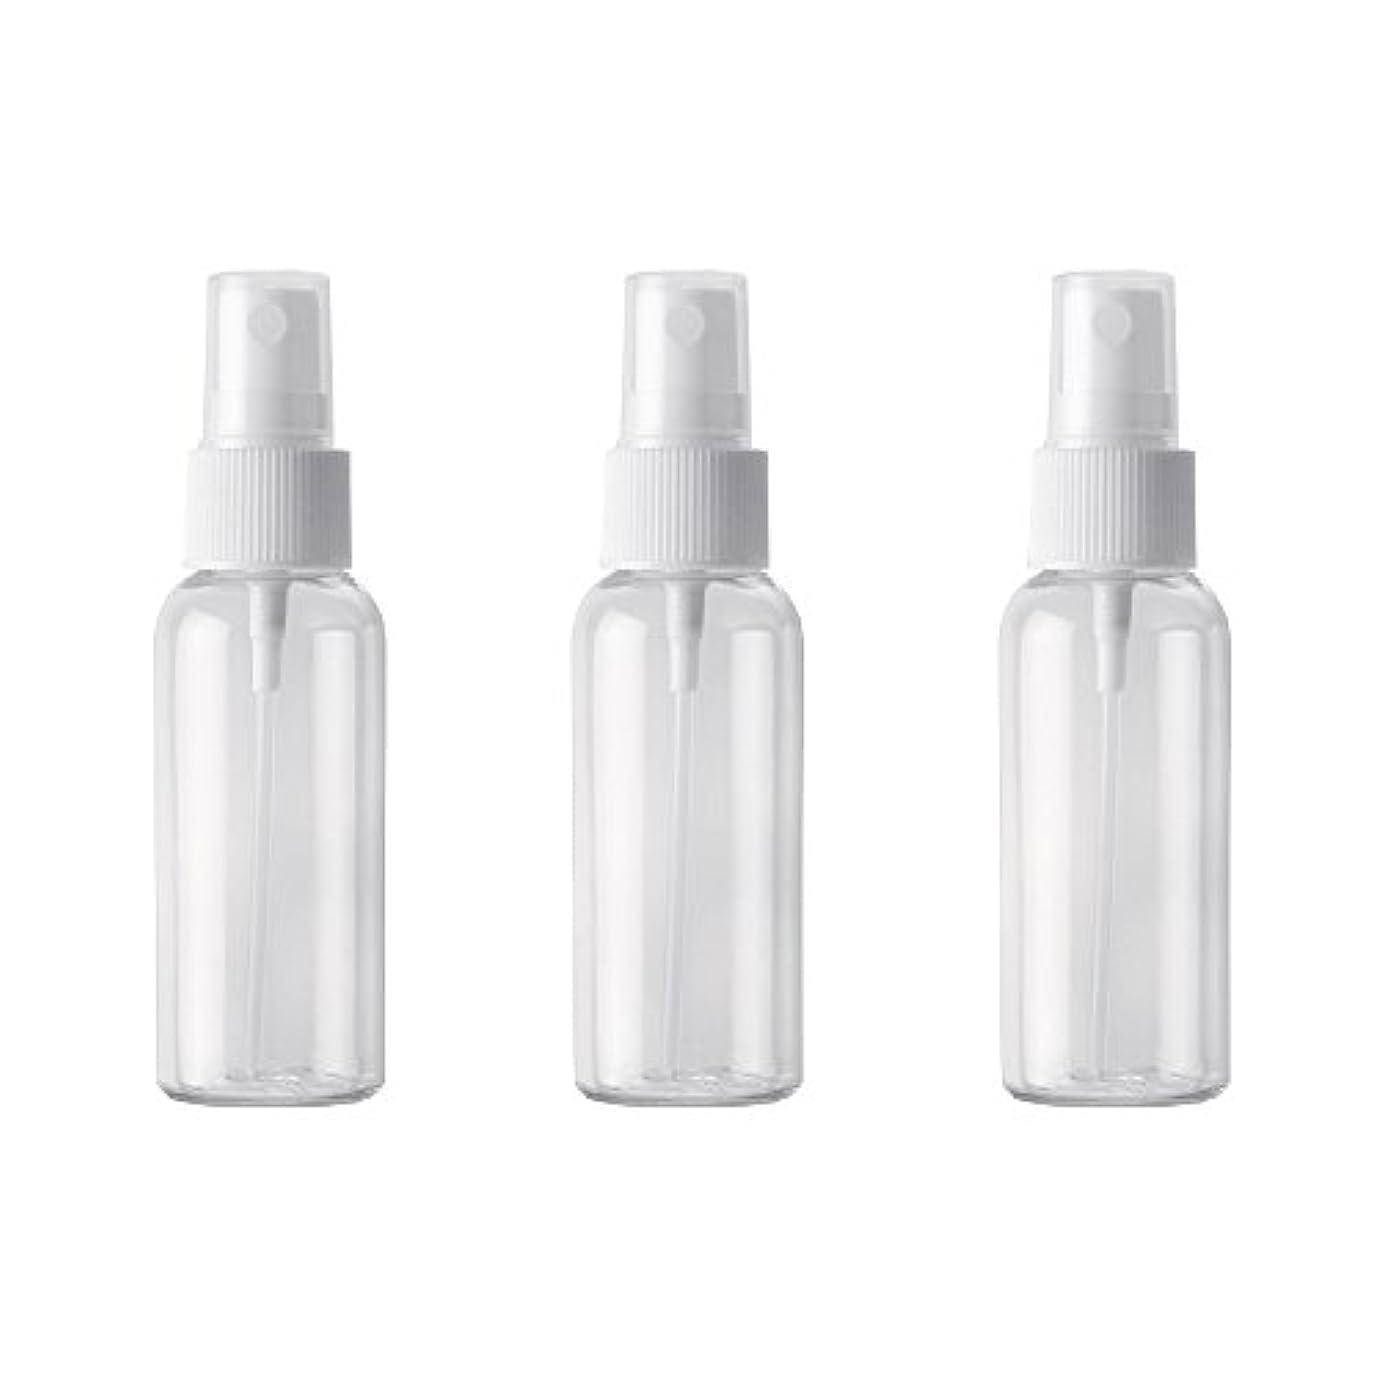 階下安全なセンチメンタルPET小分けボトル トラベルボトル スプレーボトル 3本セット 霧吹き 小分け容器 化粧水 精製水 詰替ボトル 旅行用(50ml )